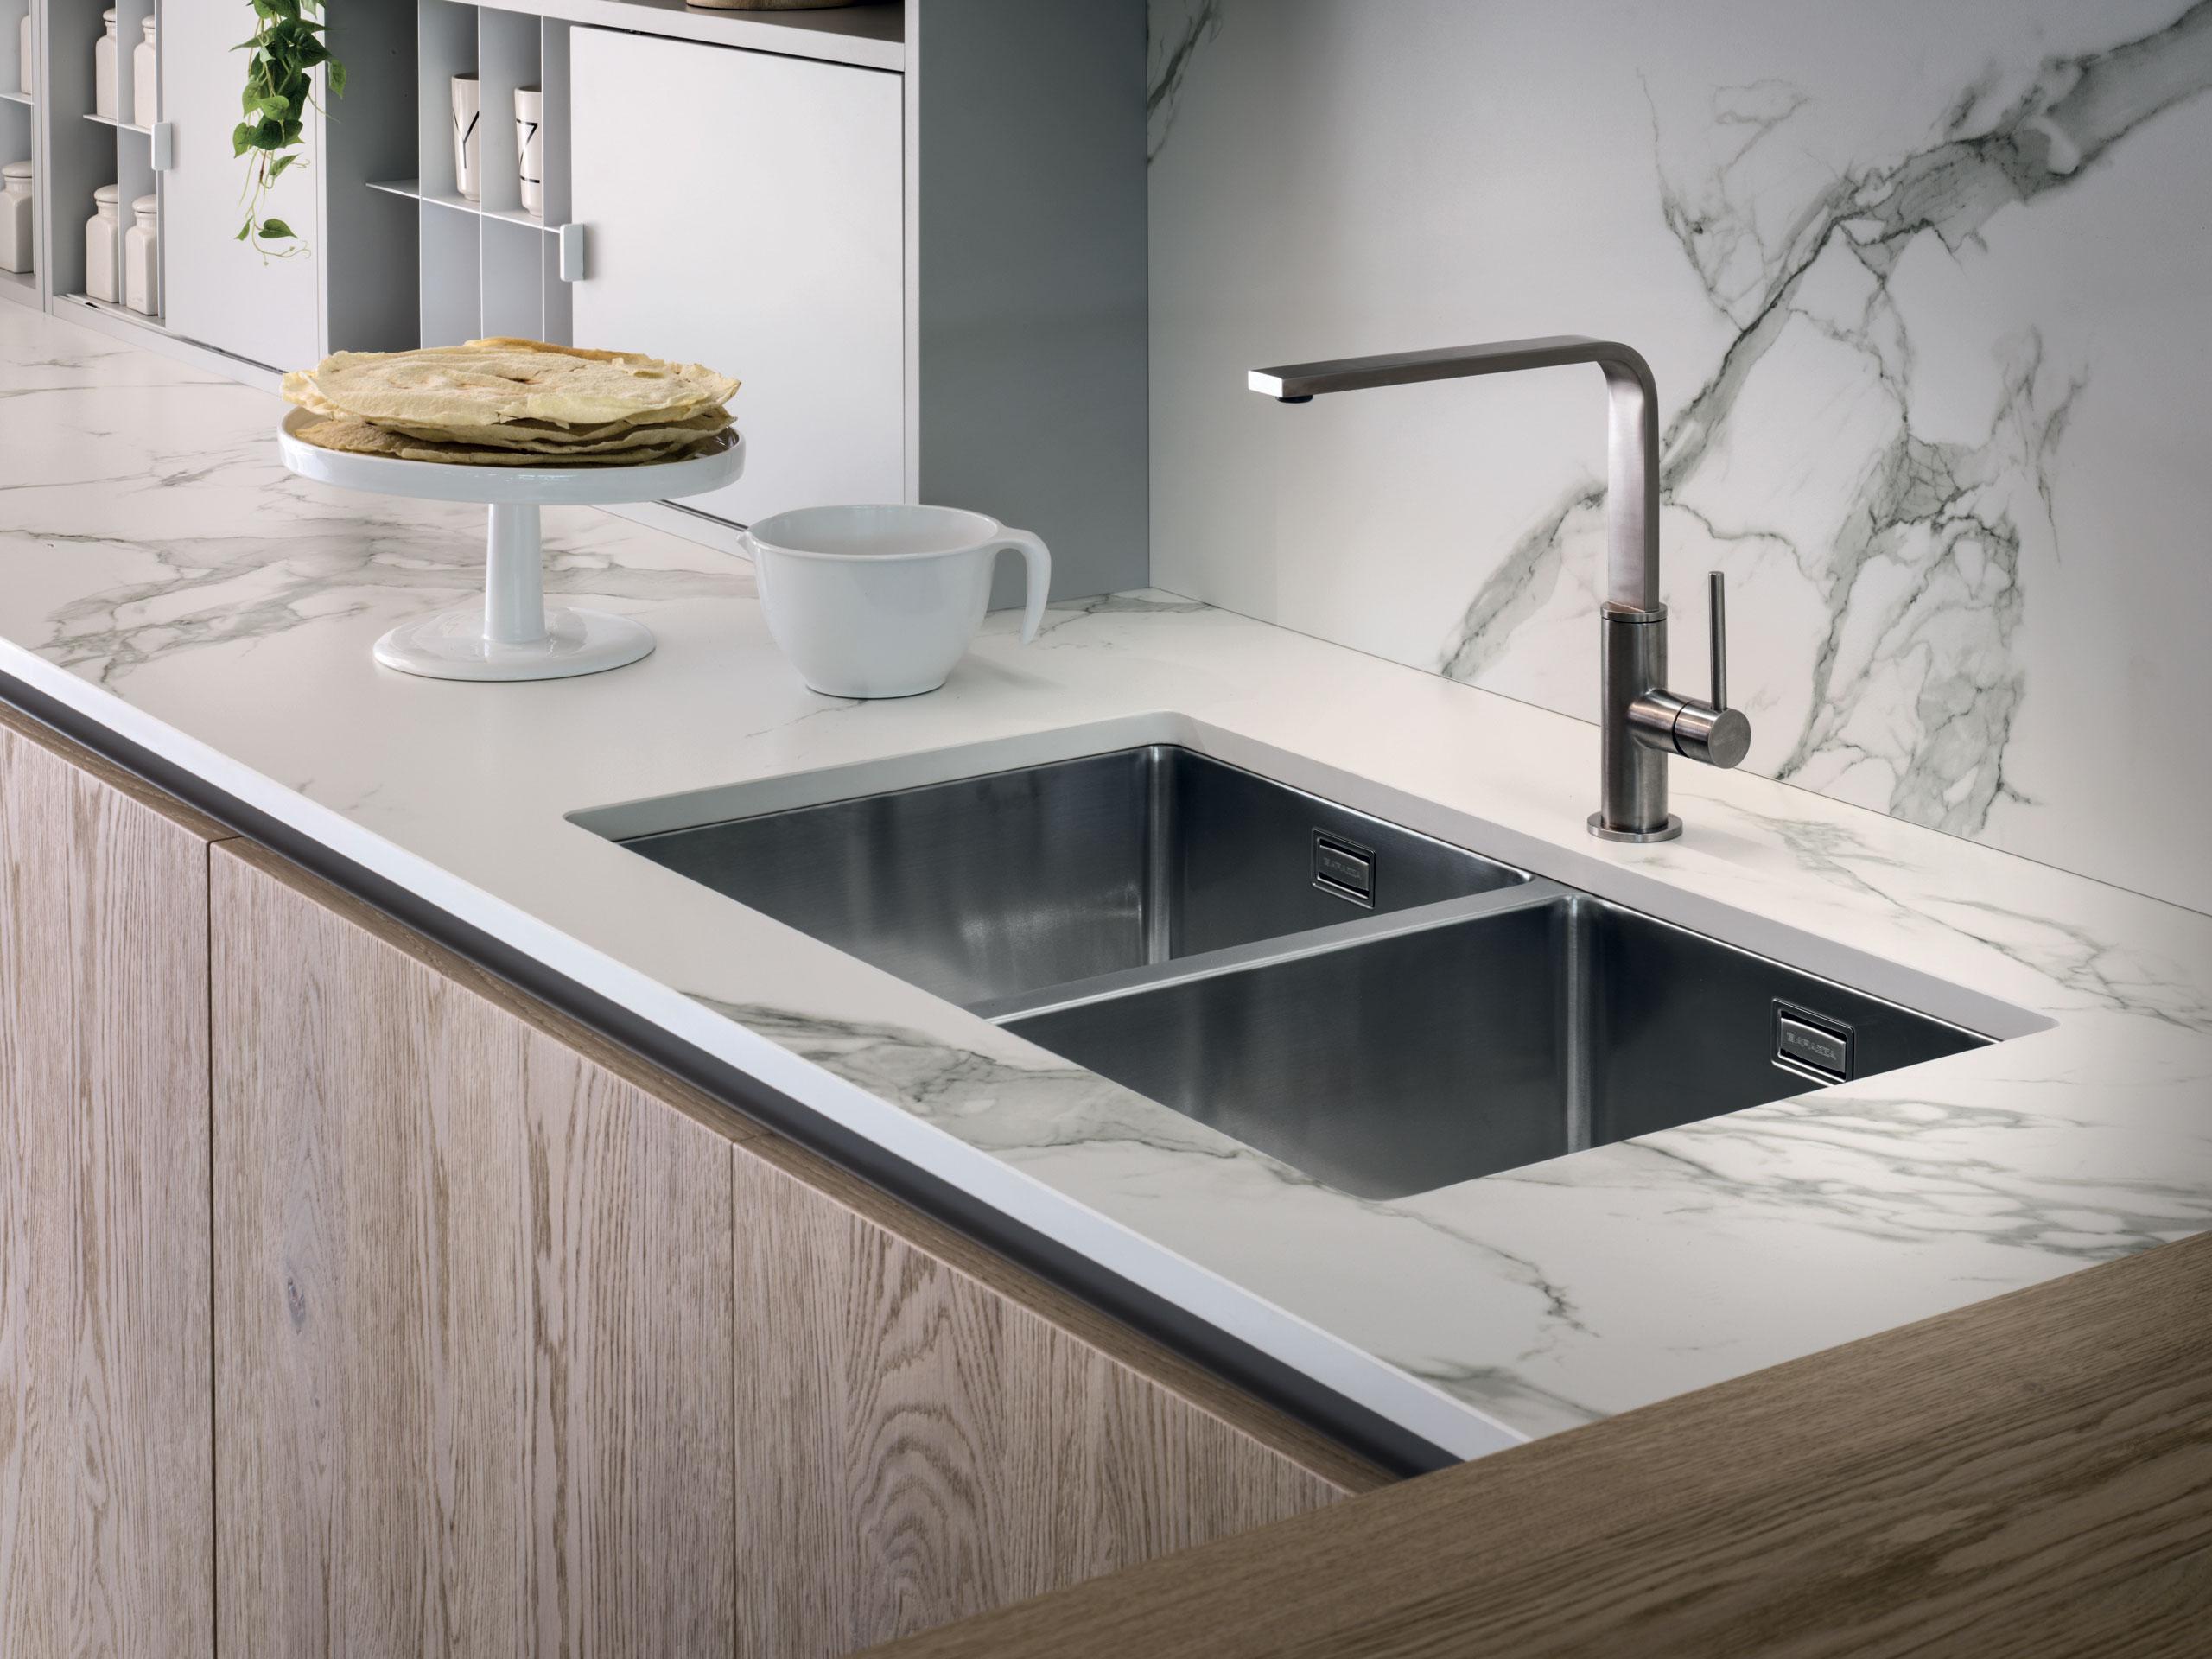 I migliori materiali per rivestire il piano cucina - Blog ...